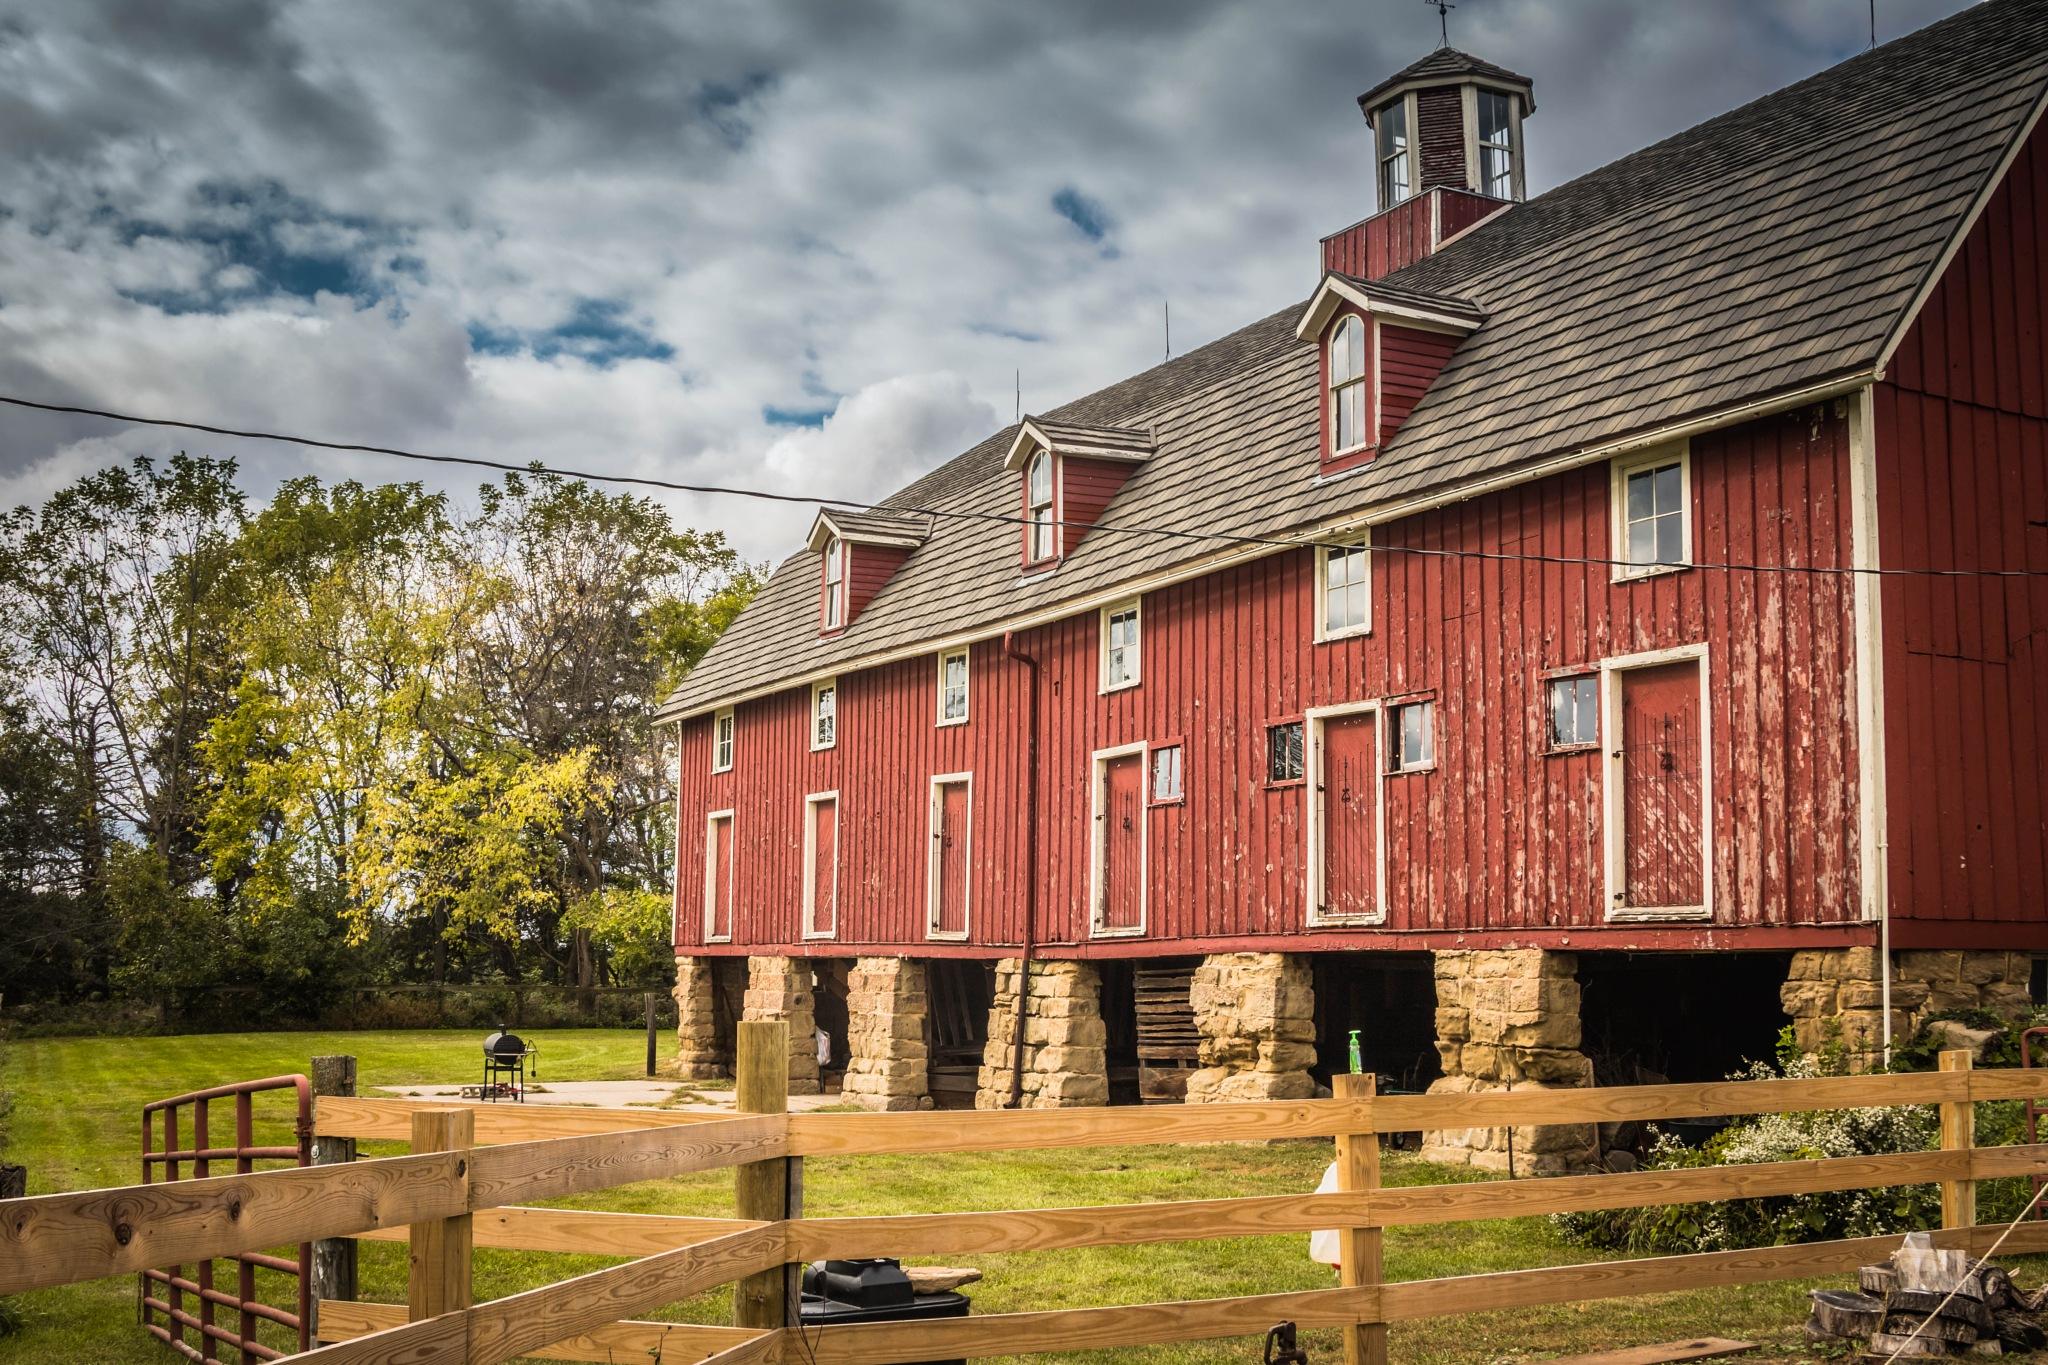 Walnut Grove Farm by MissyP87